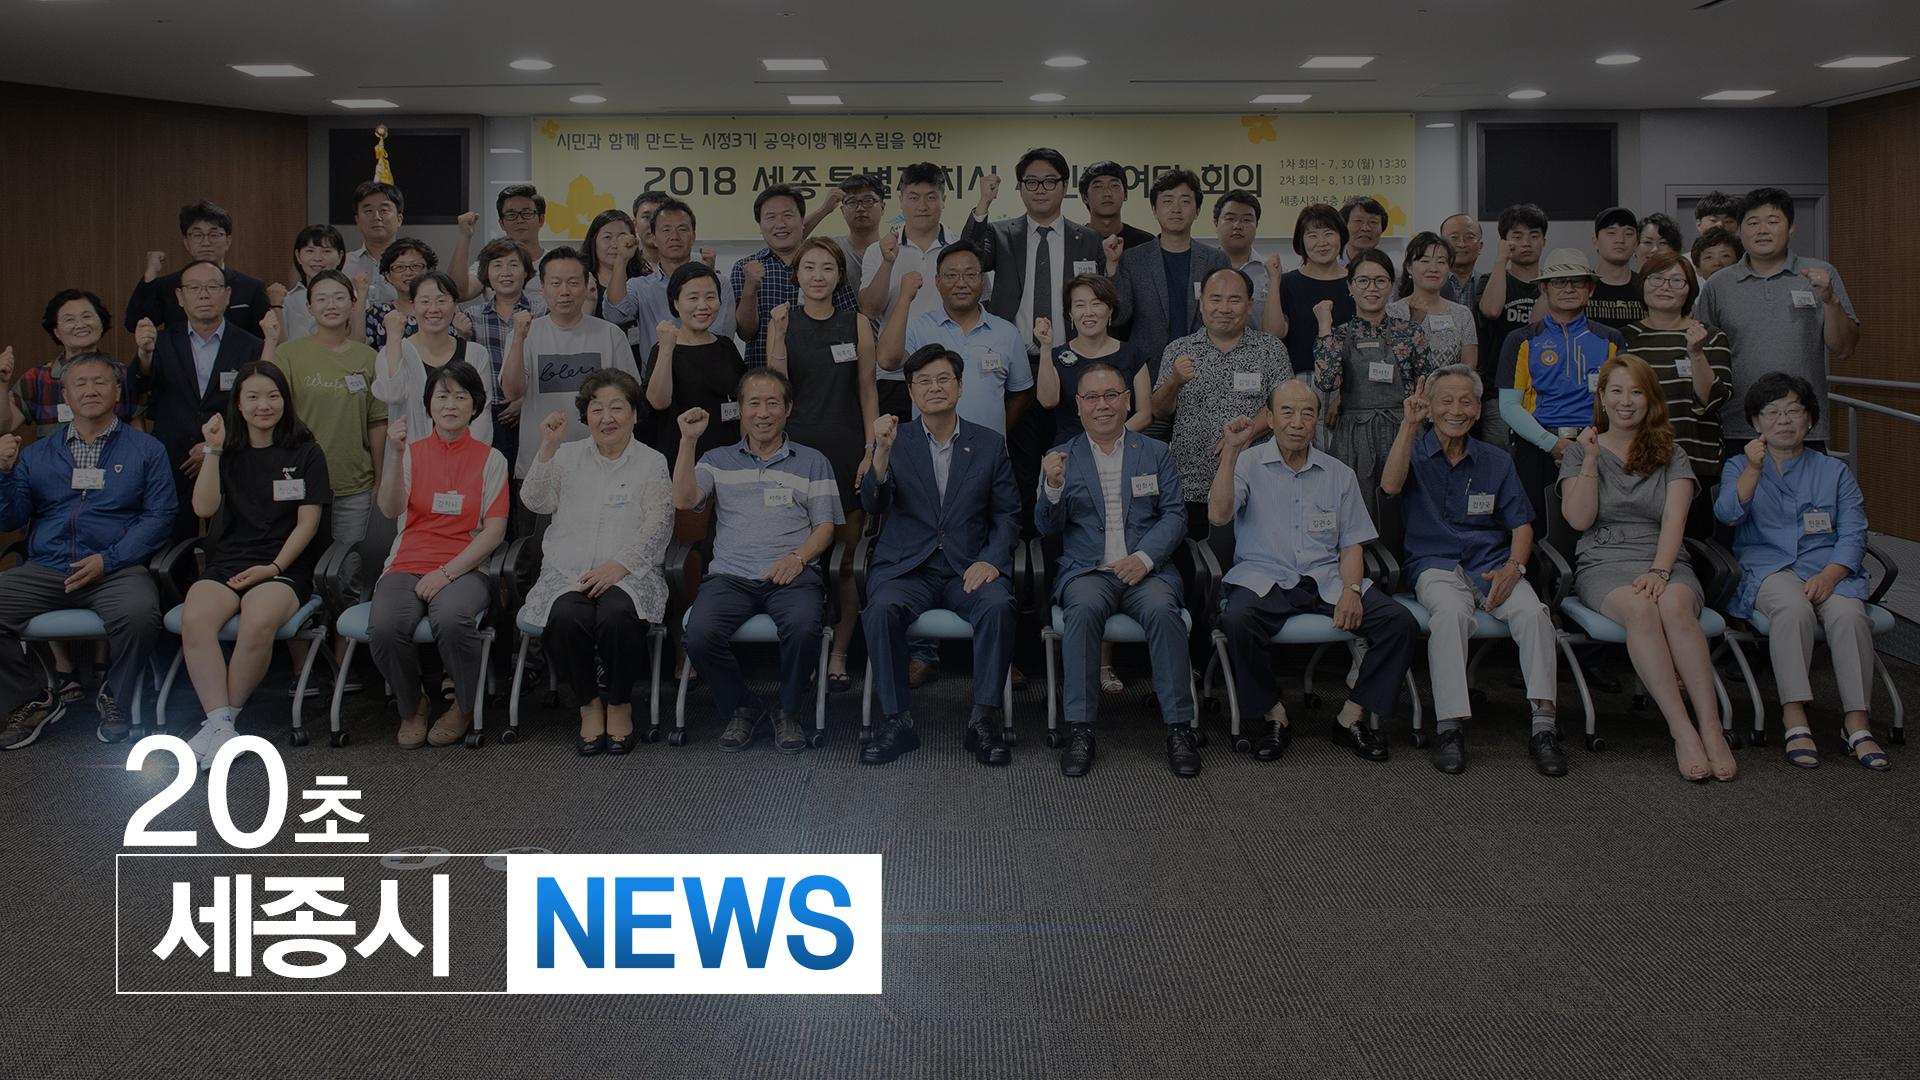 <20초뉴스> 세종시, 공약 이행계획 수립 '시민참여단' 운영